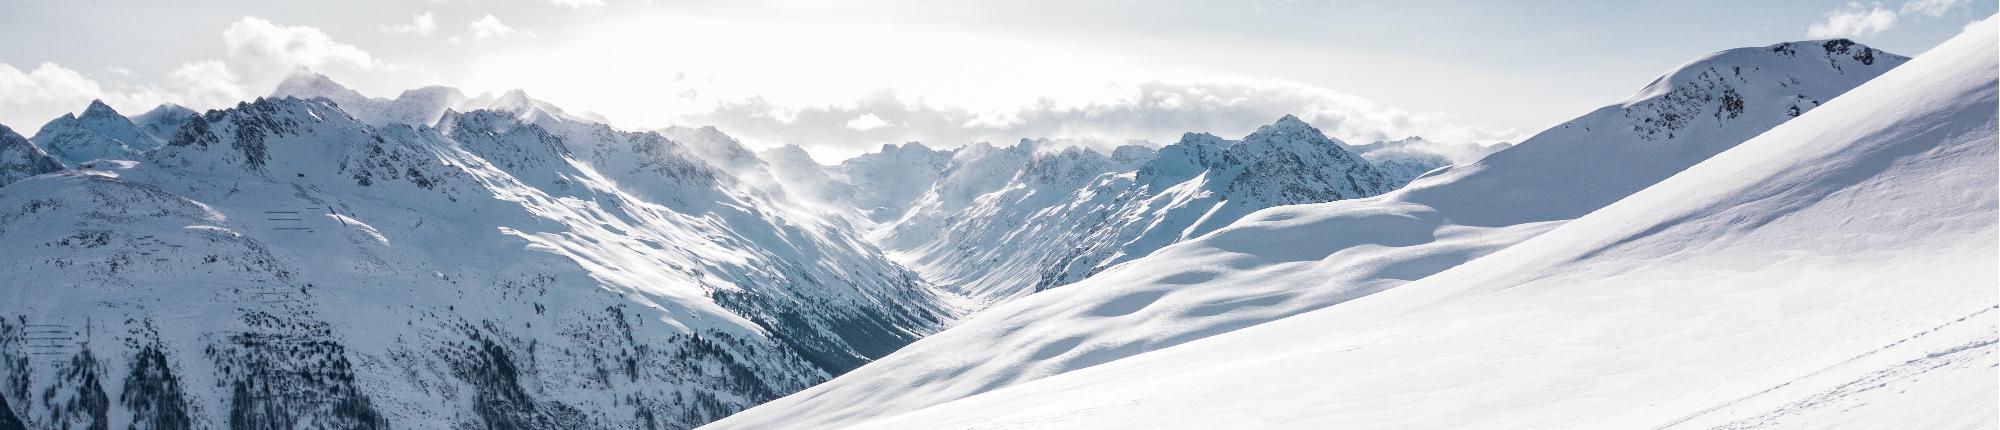 Save the date - Jong Rabo ski trip 2020